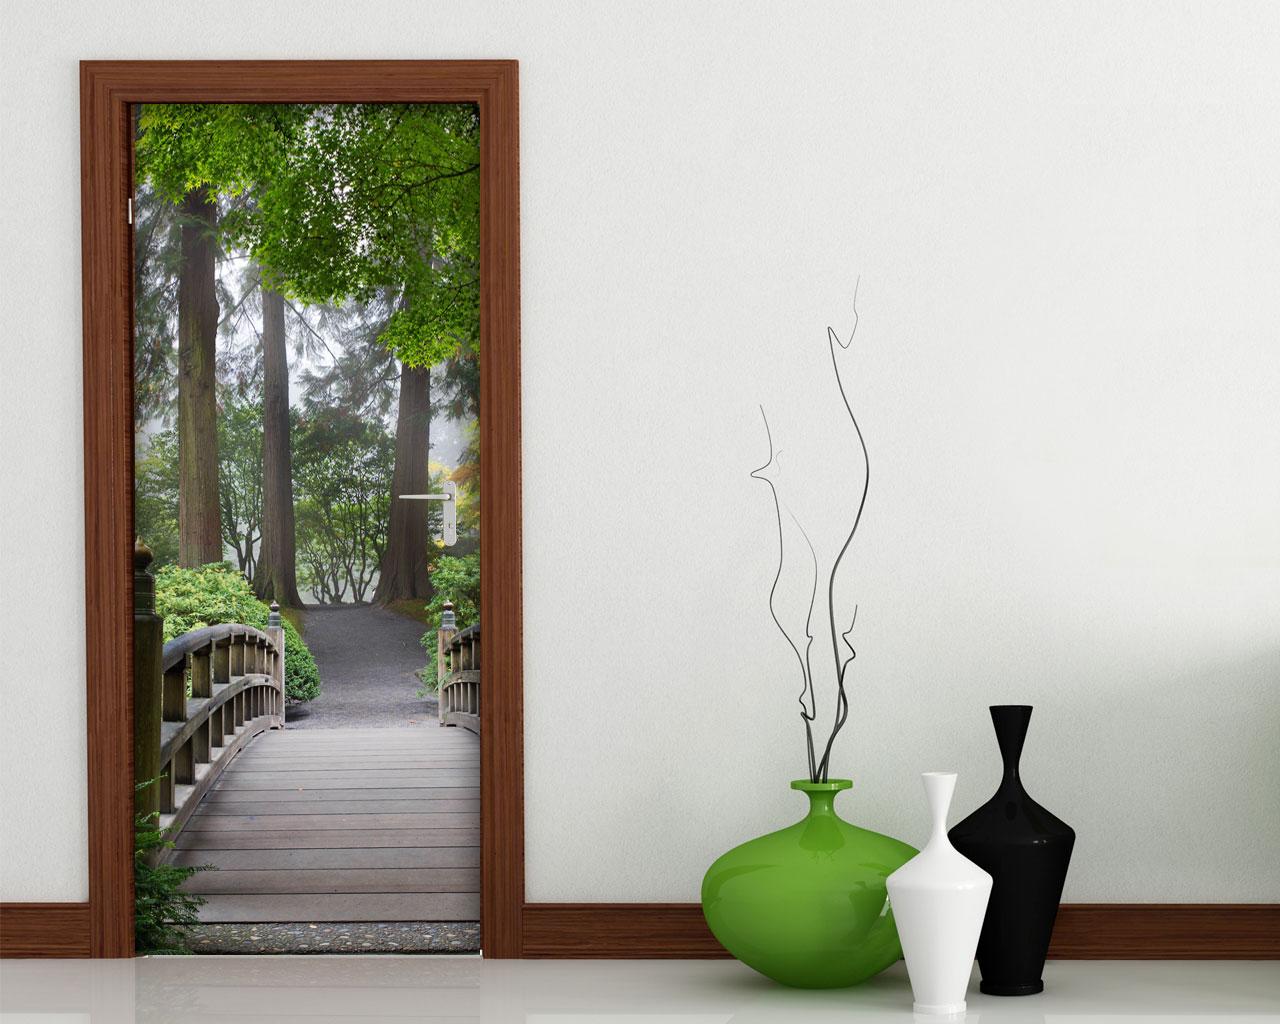 Percorso nel verde natura adesivo per porte interni decori adesivi murali wall - Decorazioni porte interne ...